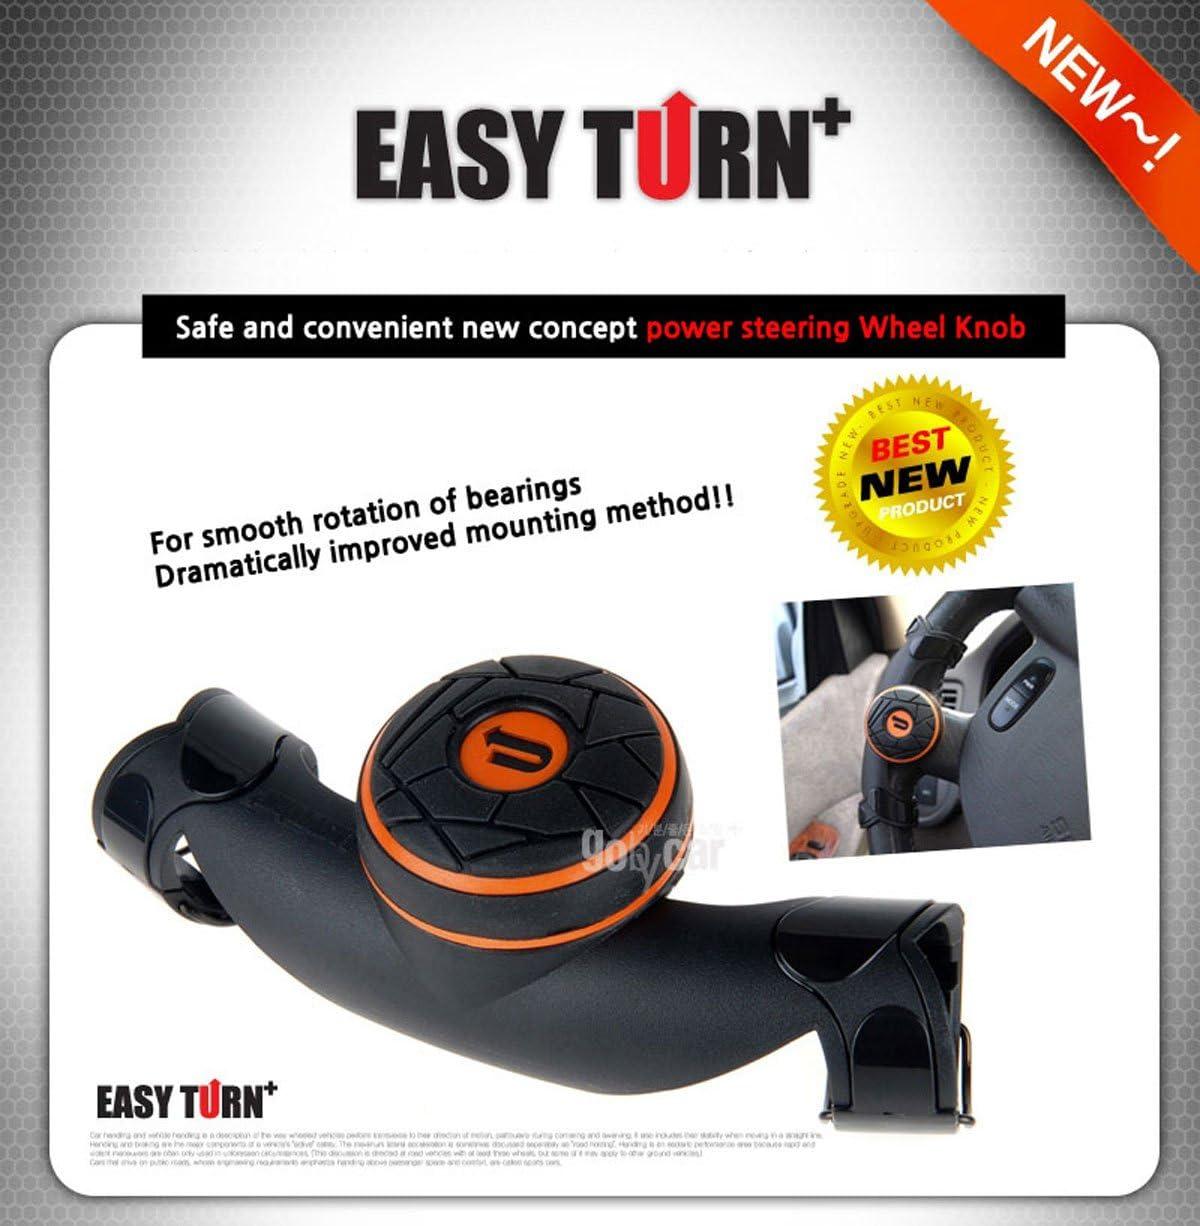 Nouveau Concept Lave-vaisselle Alimentation Poign/ée Volant de voiture Spinner bouton Accessoire slim